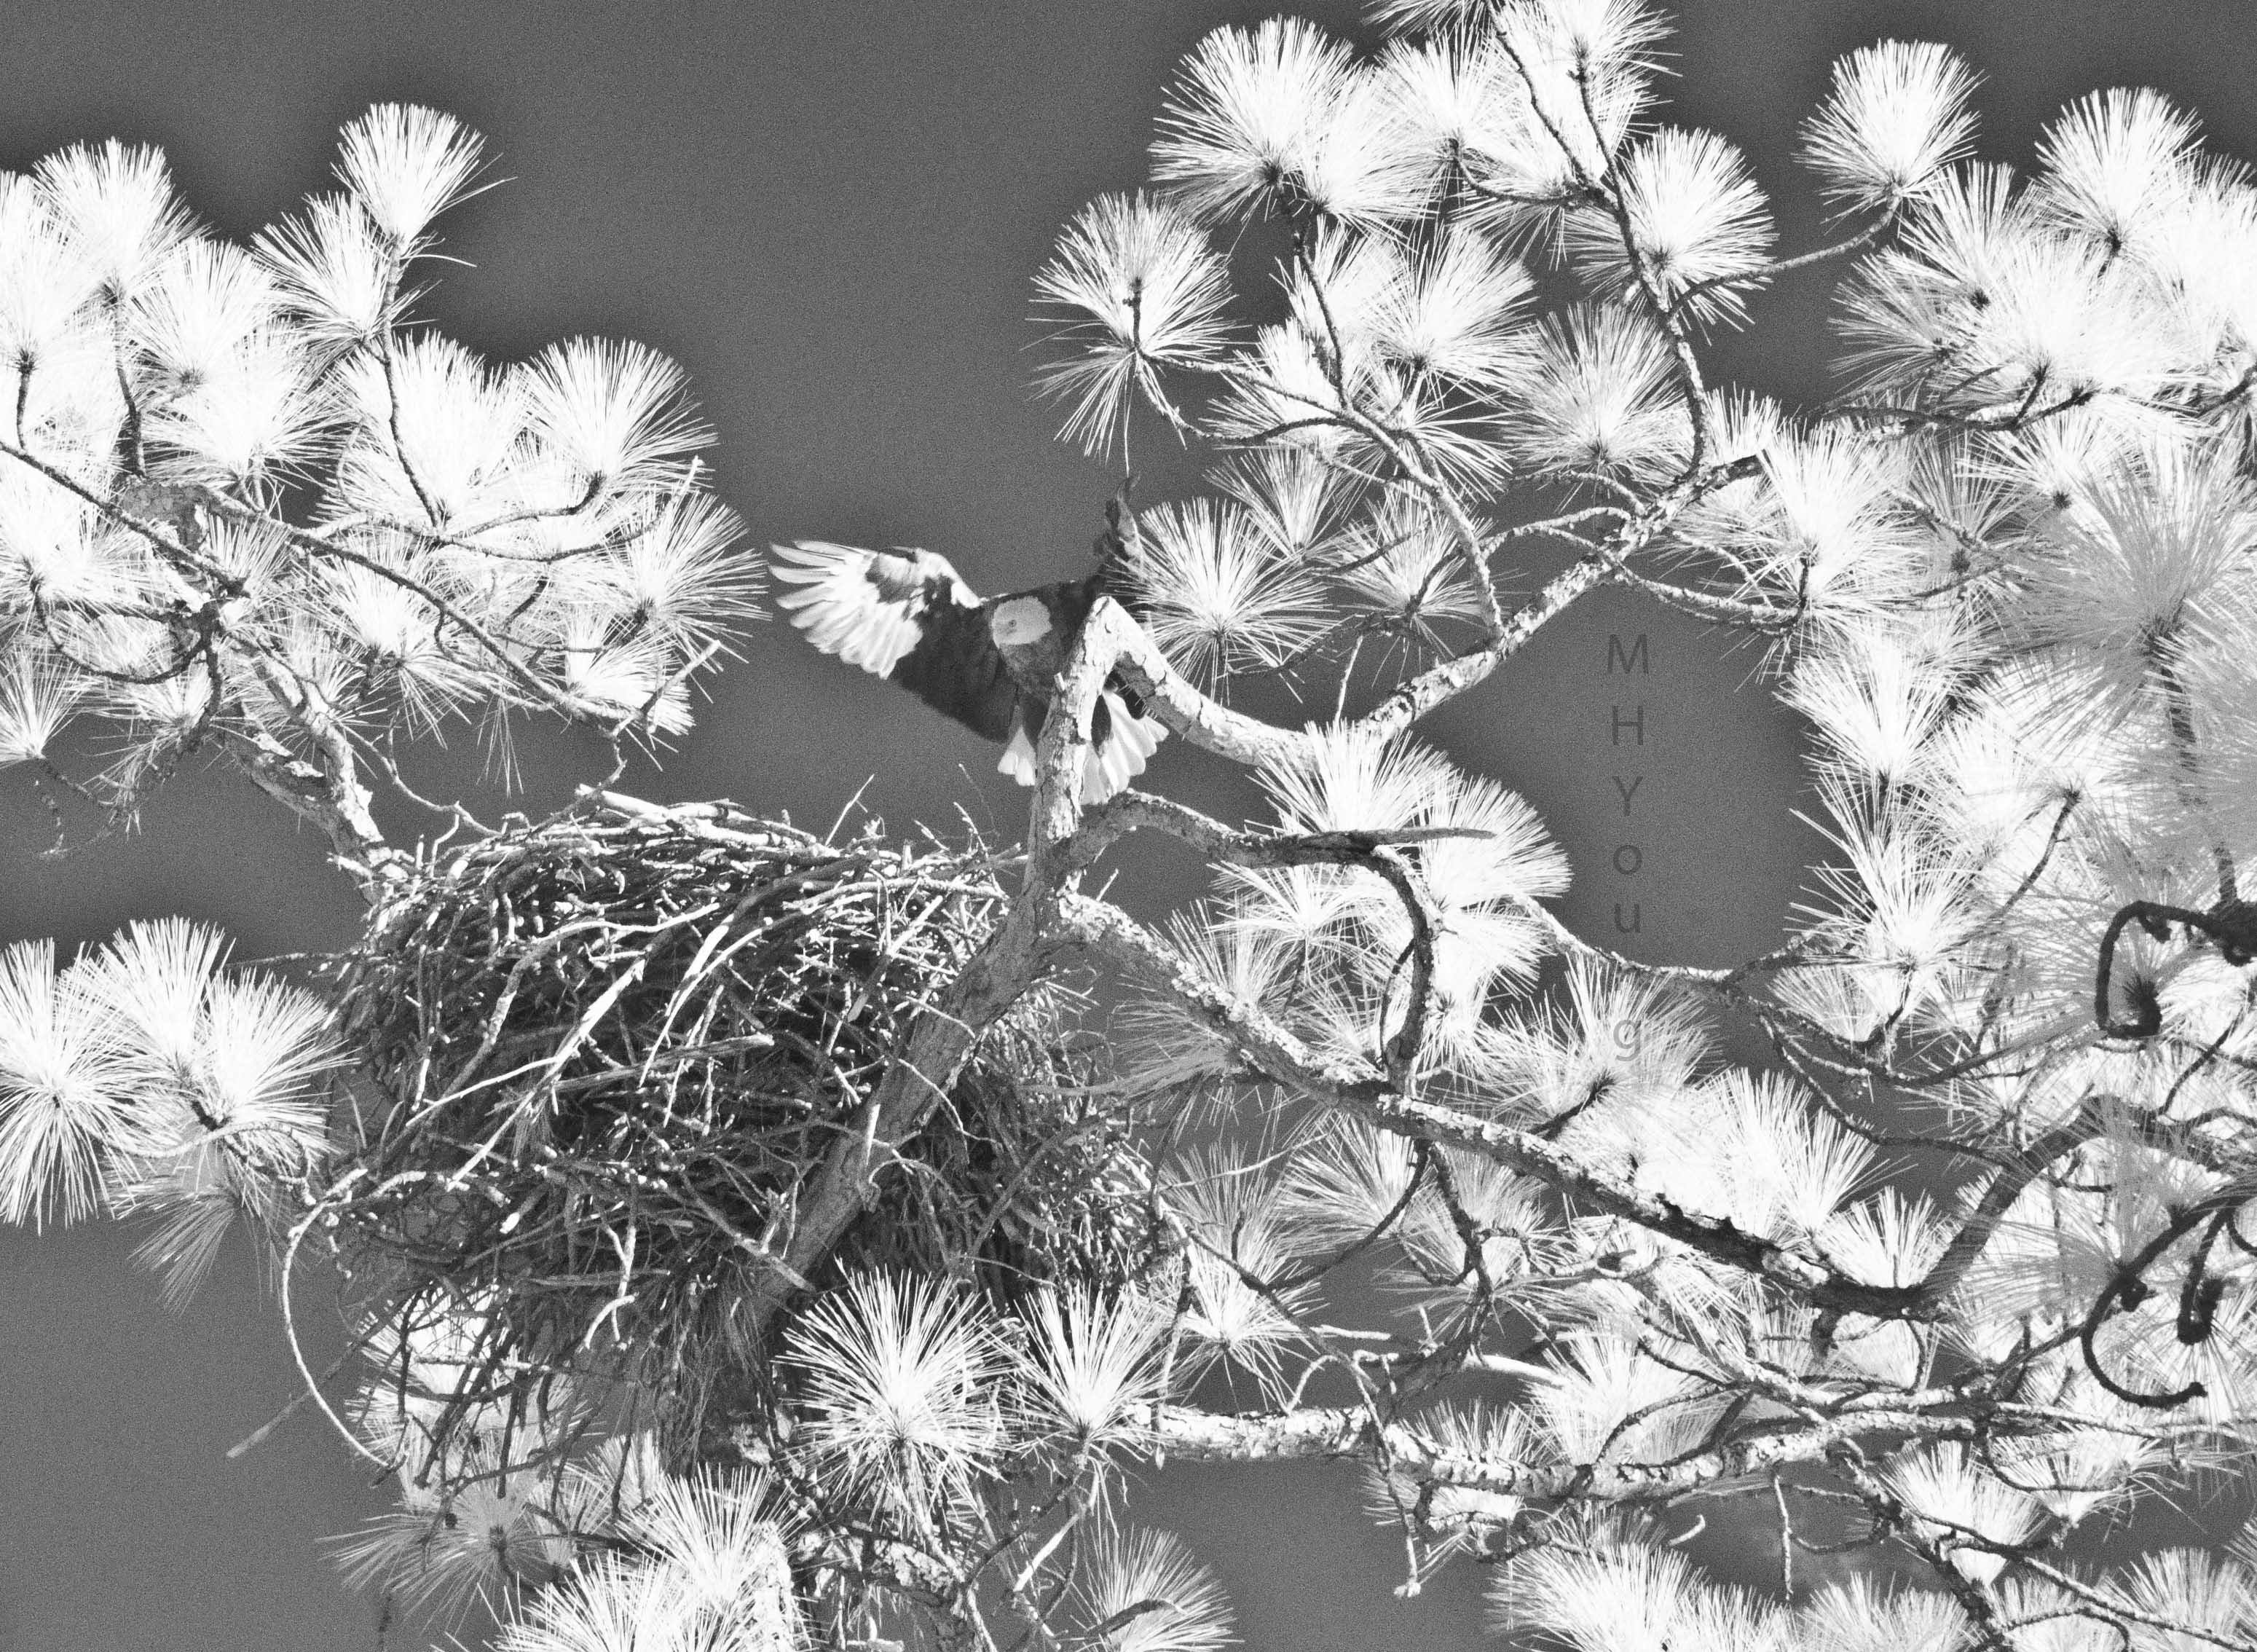 I R Eagle Coosa  # 7 wmlr